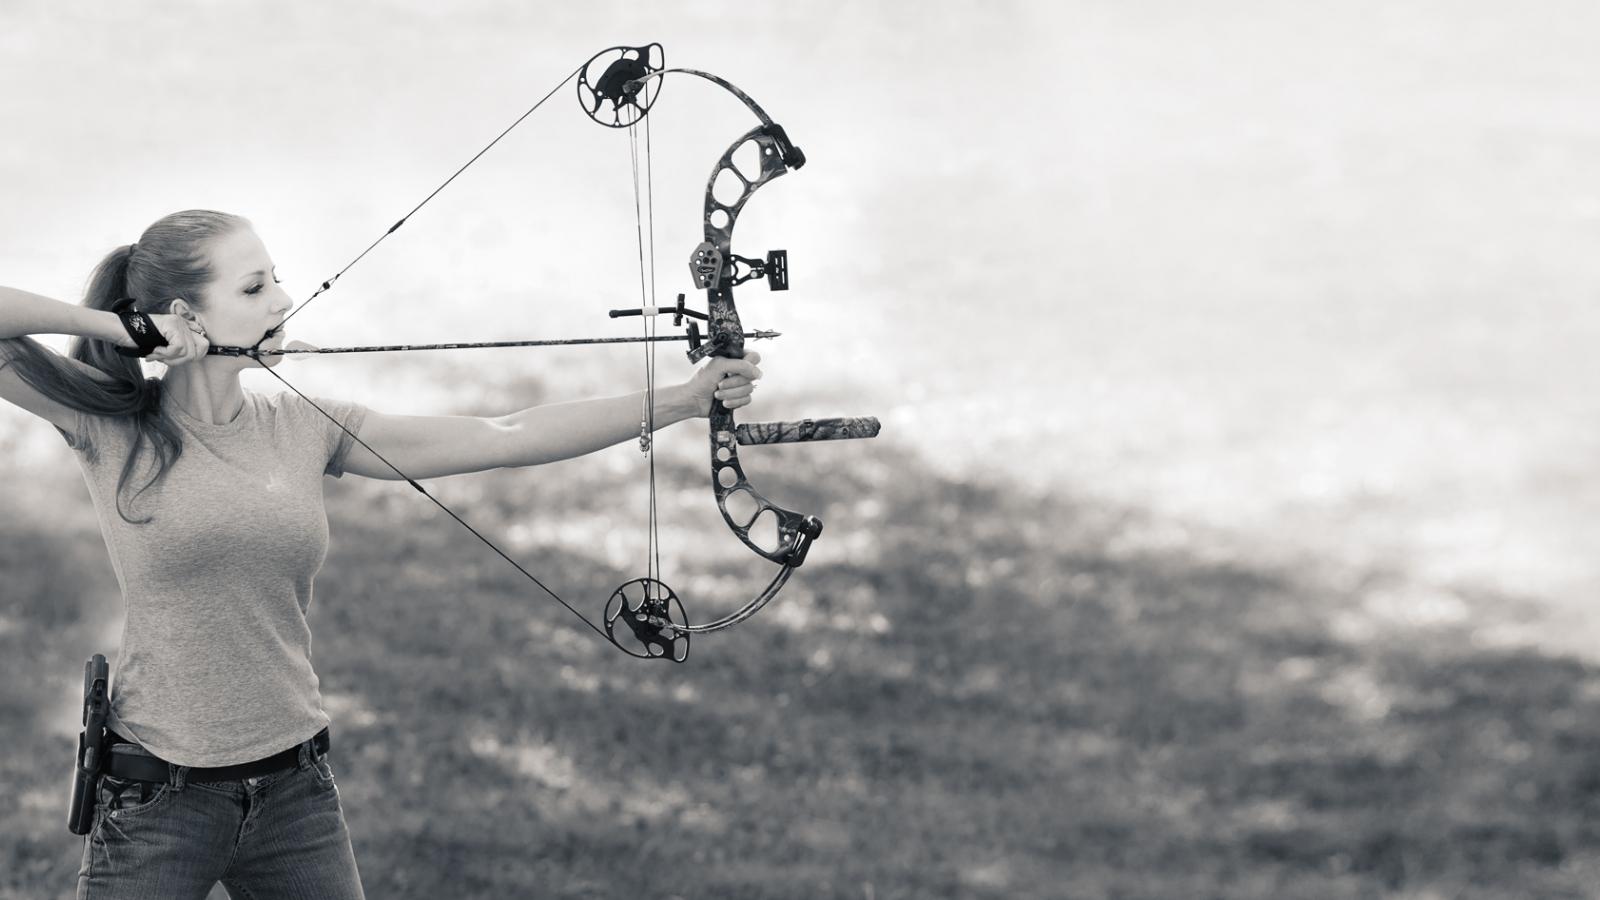 El último diseño de alta calidad compuesto arco tiro con arco caza arco compuesto.